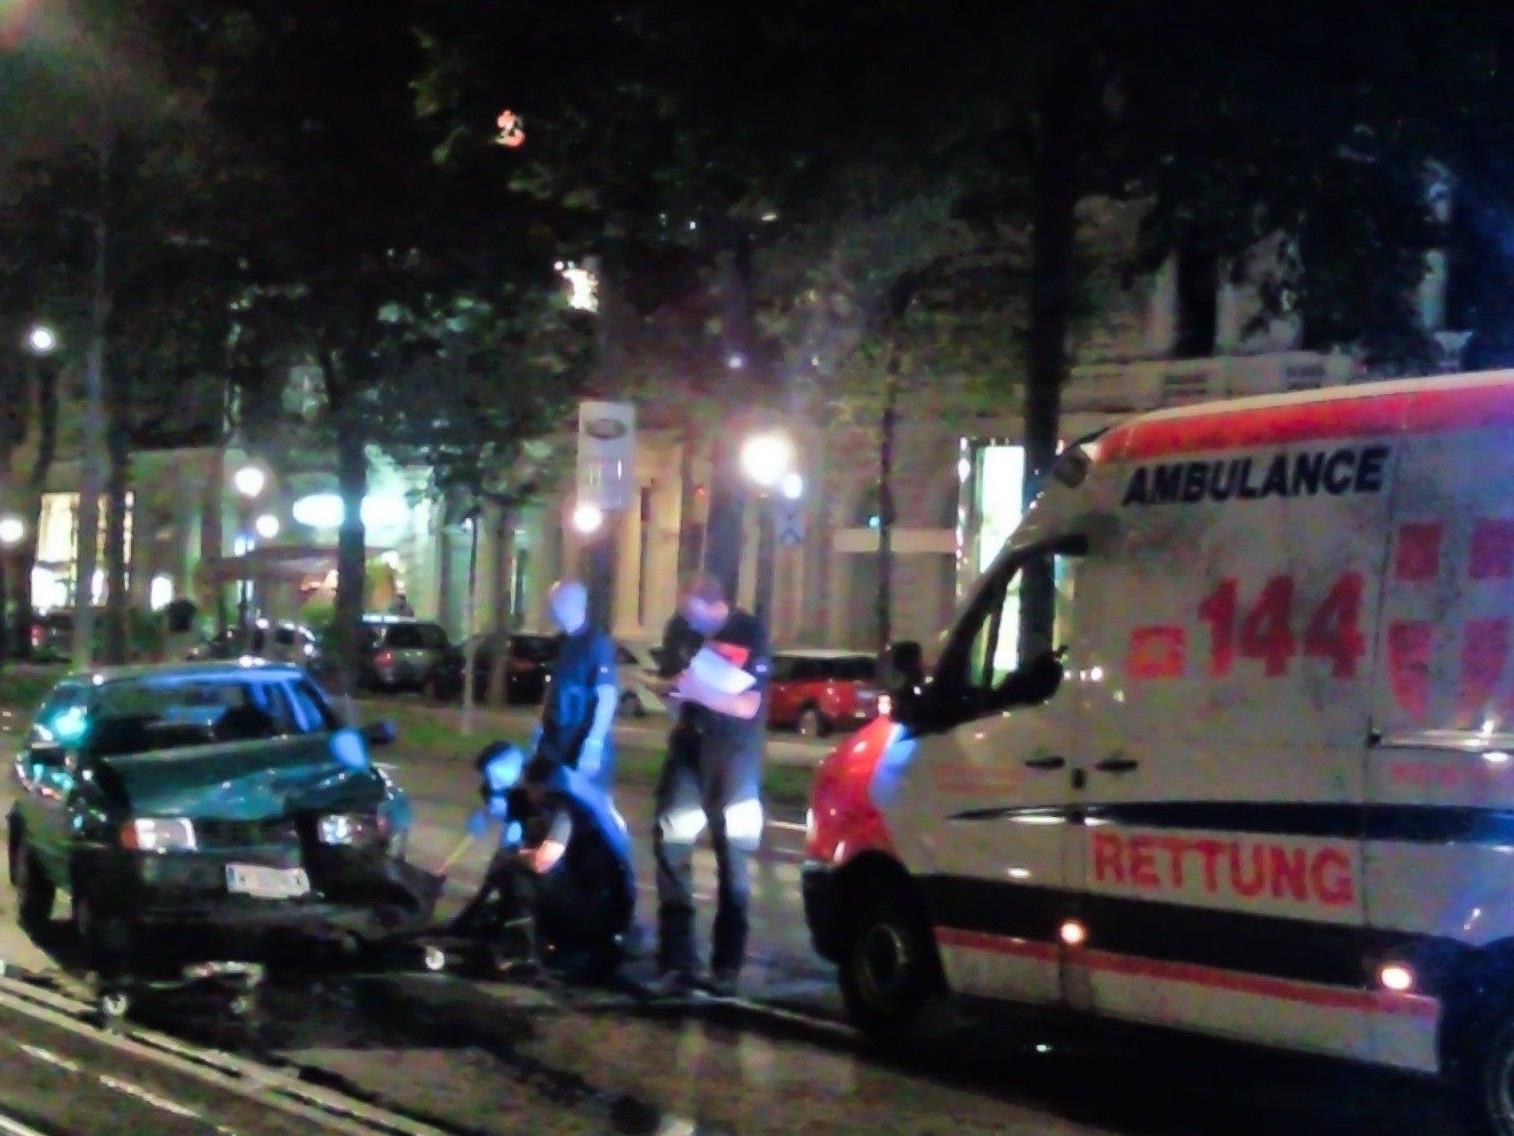 Auch dem Wiener Universitätsring ereignete sich am Sonntag ein Verkehrsunfall.